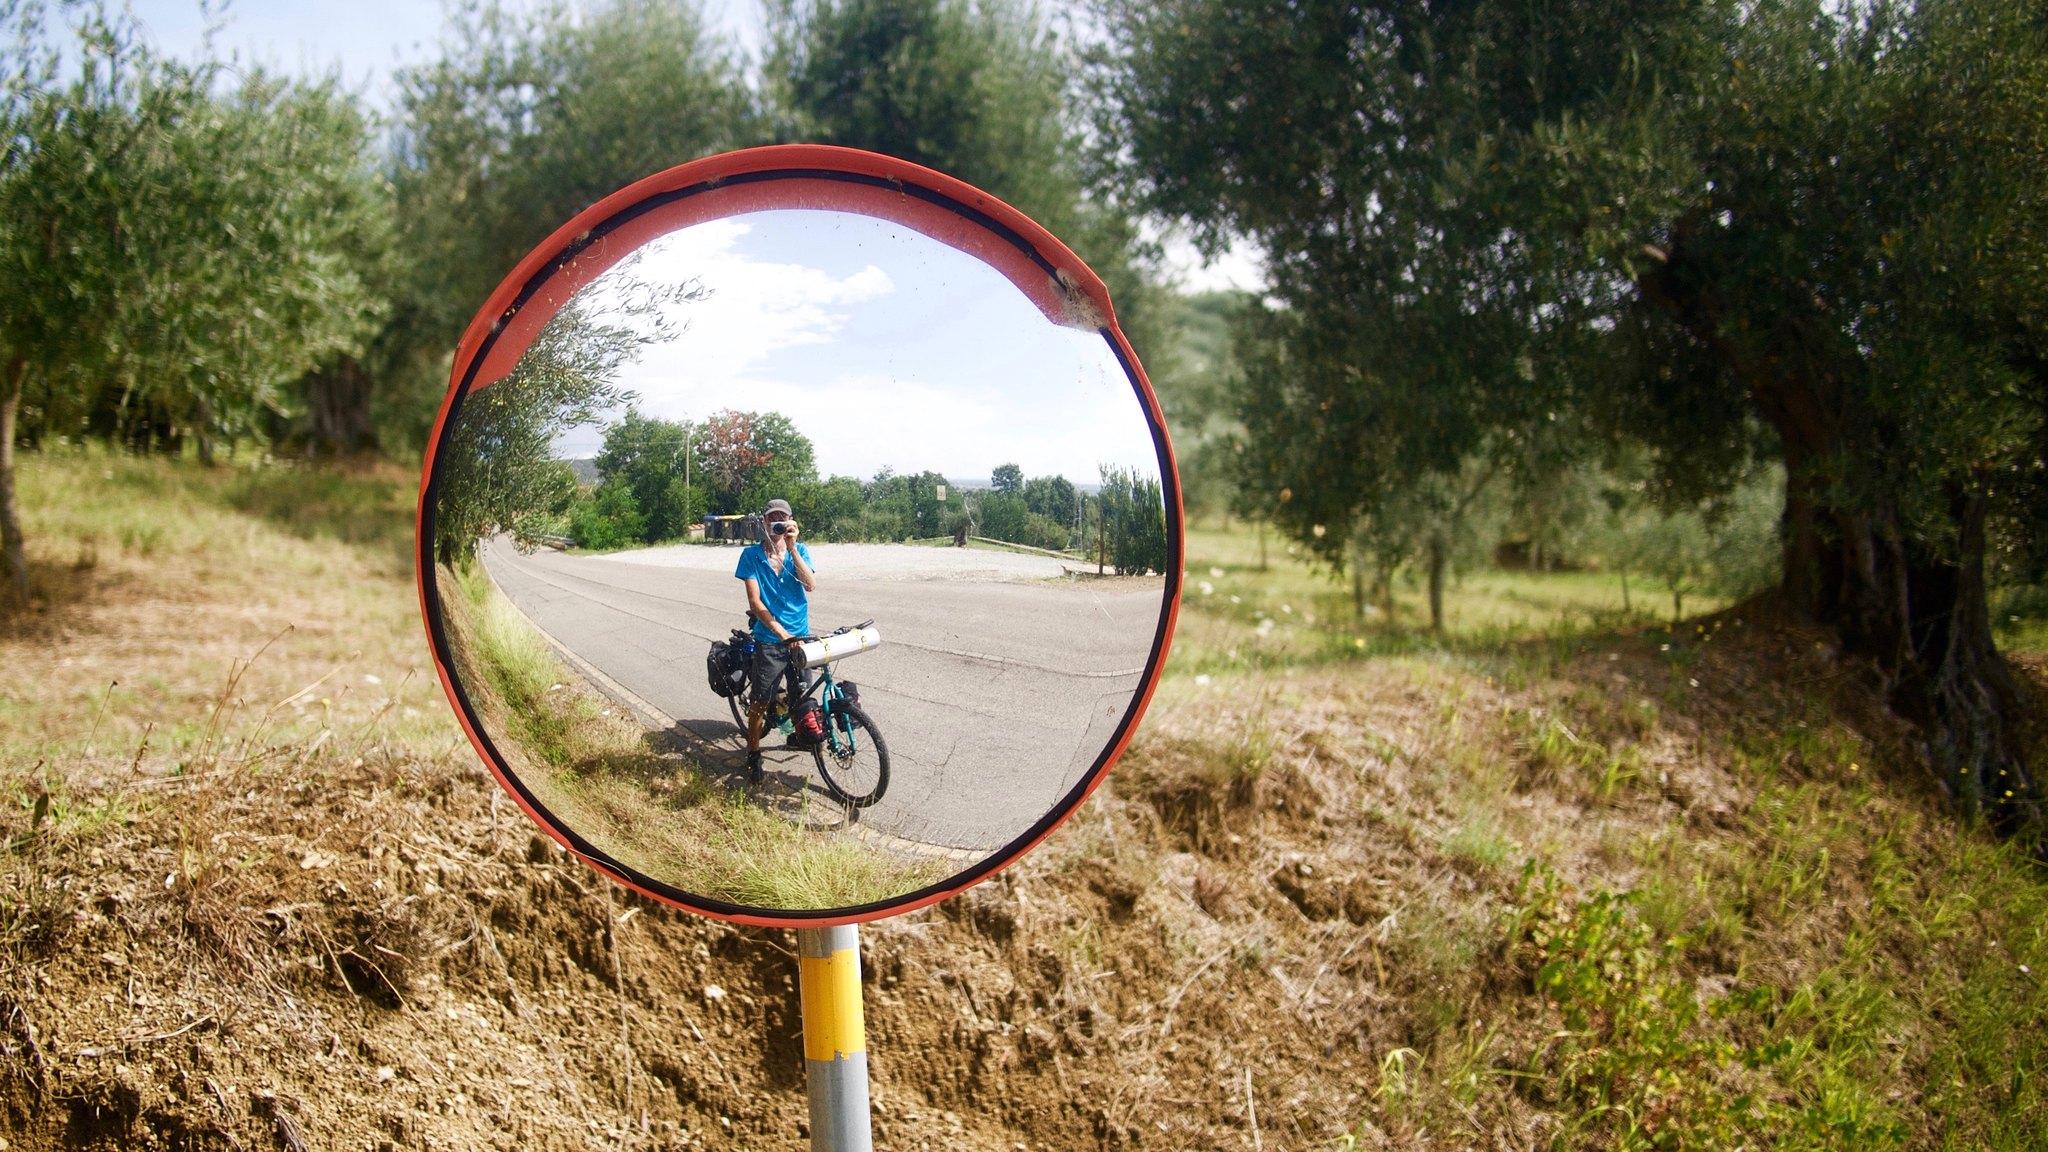 Odbicie rowerzysty w lustrze przy drodze